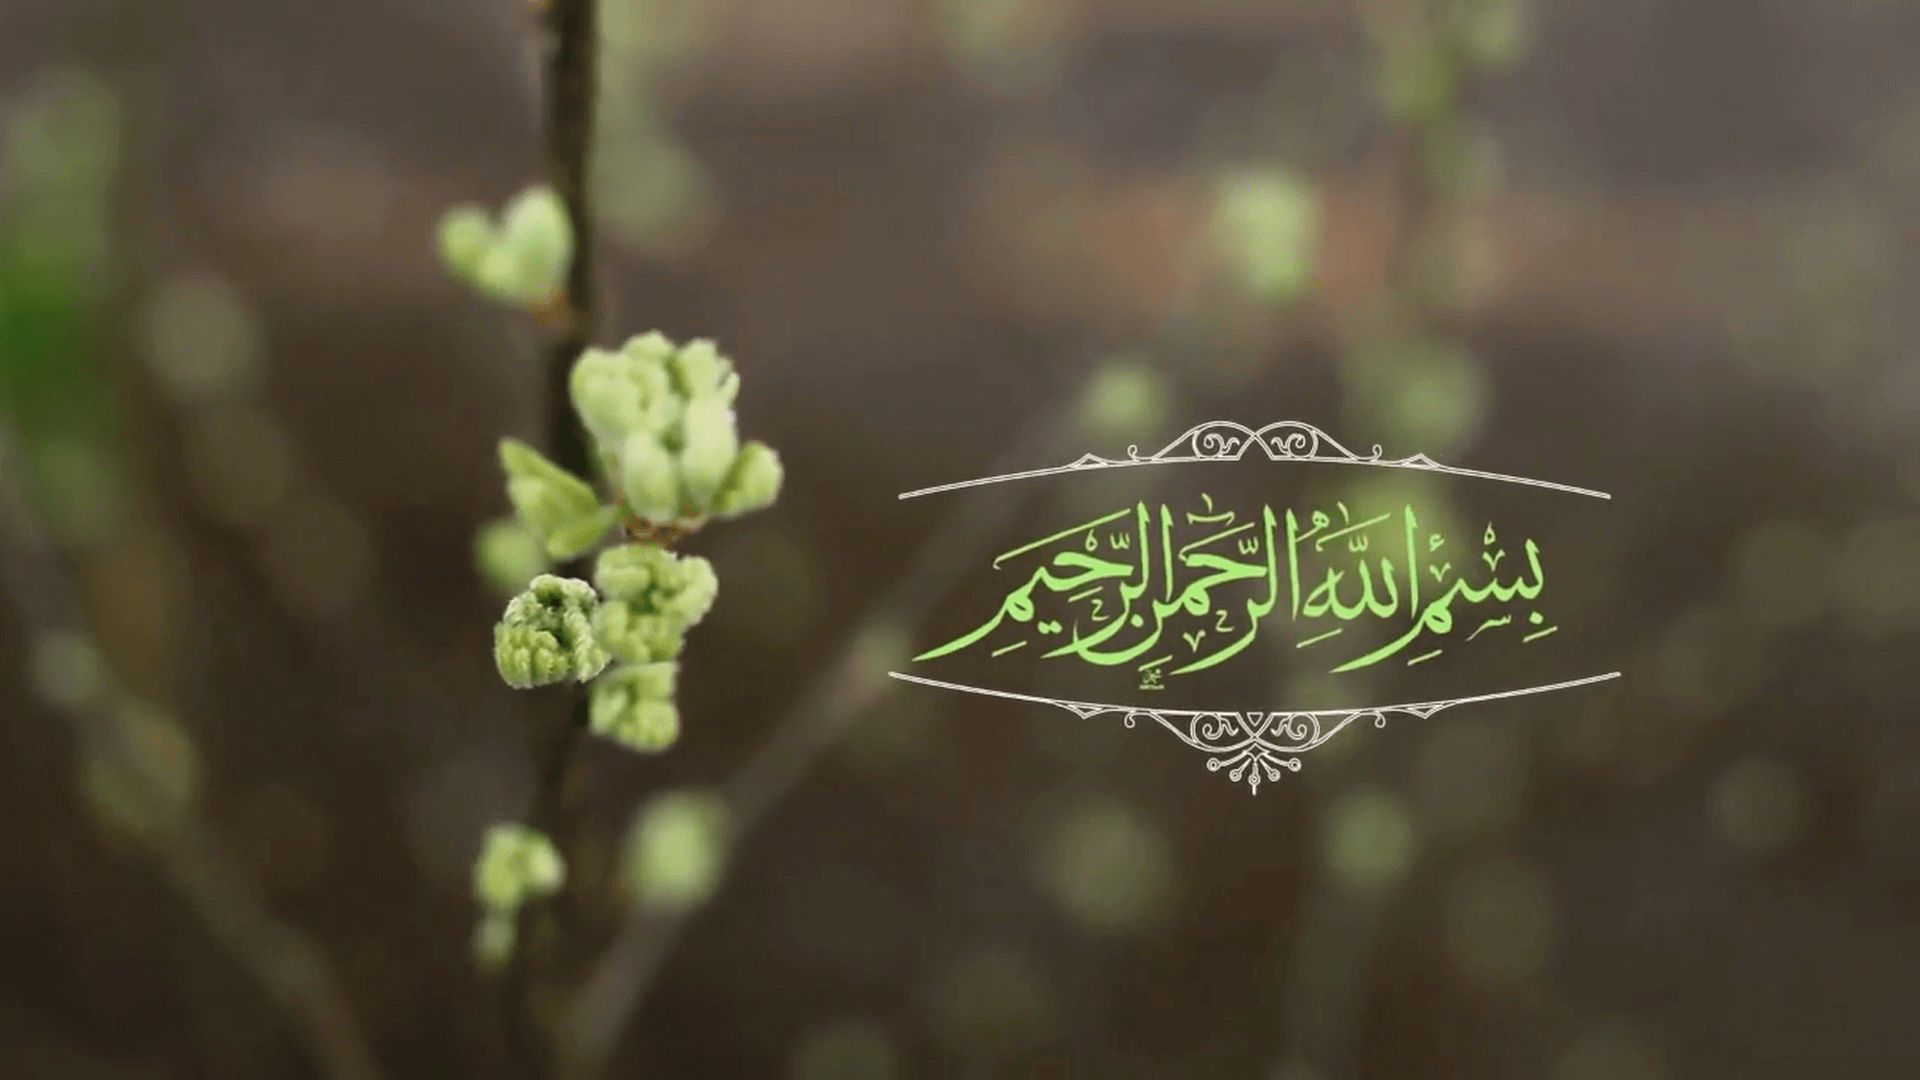 نهضت بازگشت به اسلام (4)